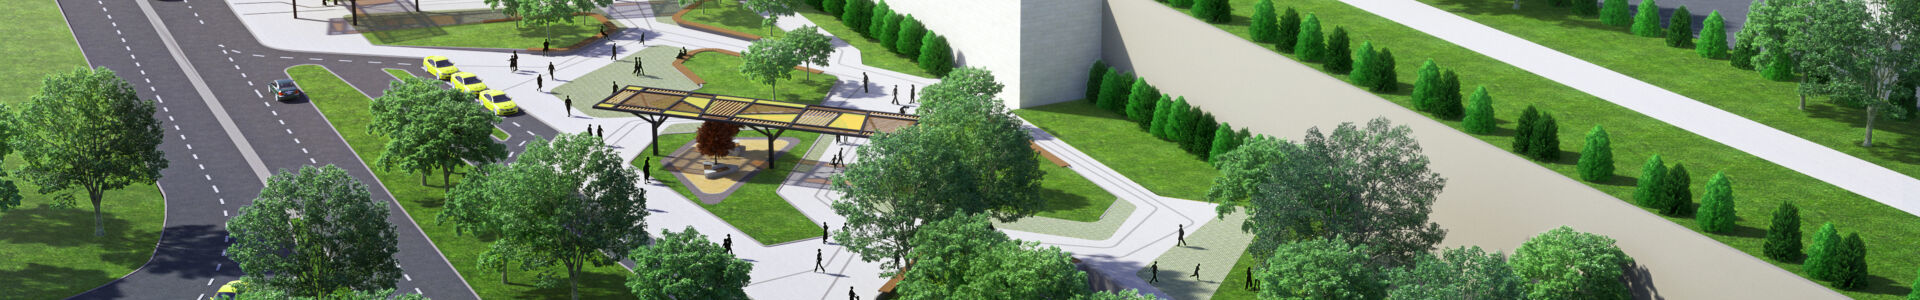 Başakşehir Transfer Merkezi